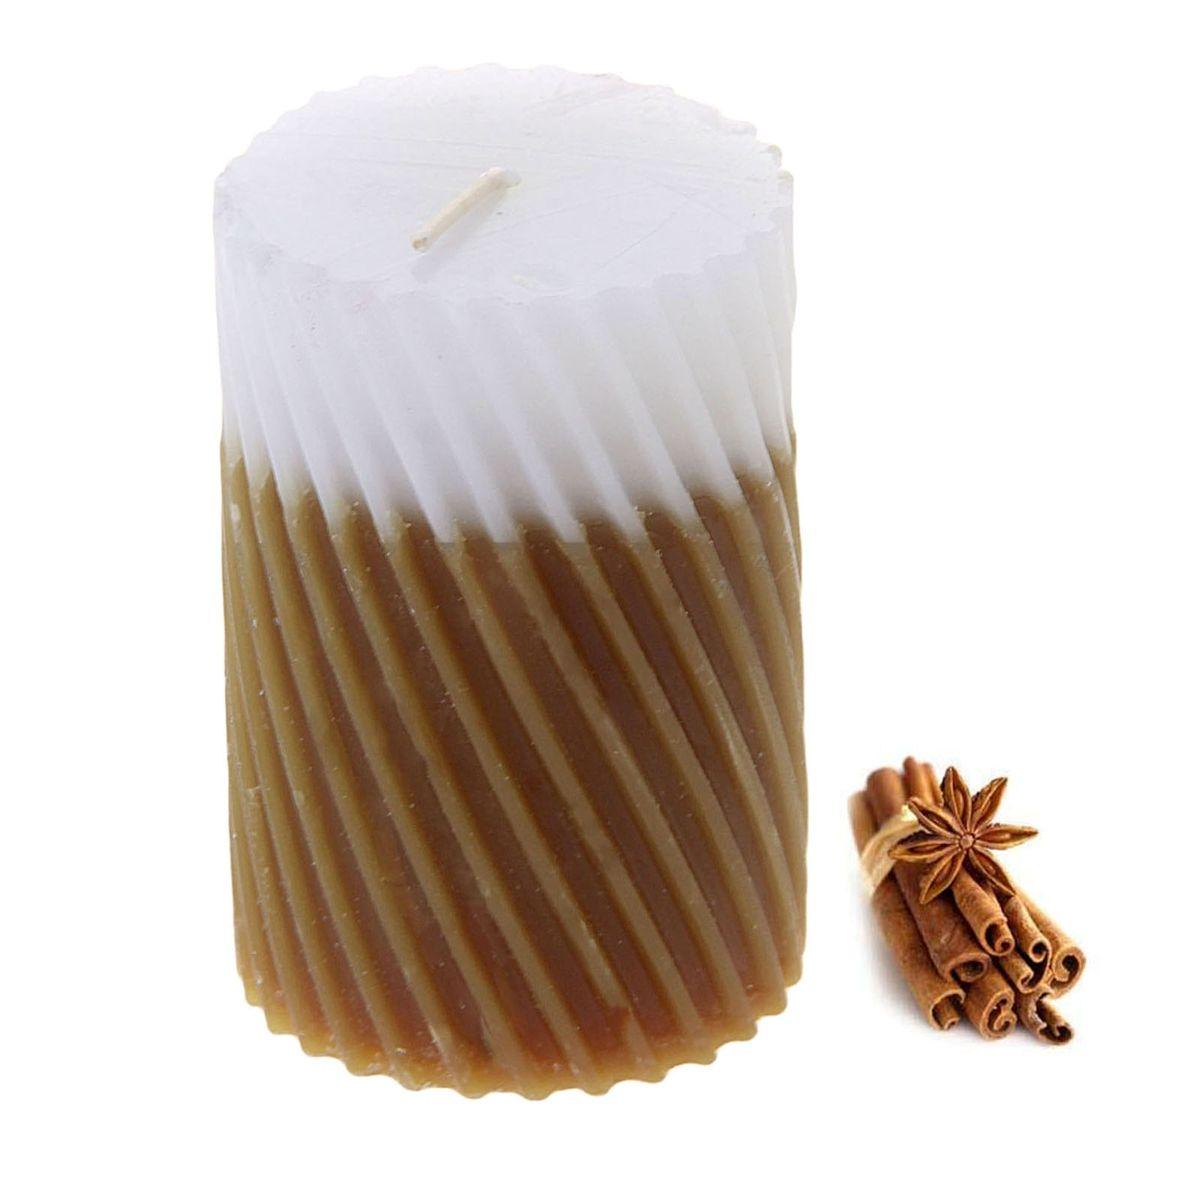 Свеча ароматизированная Sima-land Корица, высота 7,5 см. 849544 свеча ароматизированная sima land лимон на подставке высота 6 см